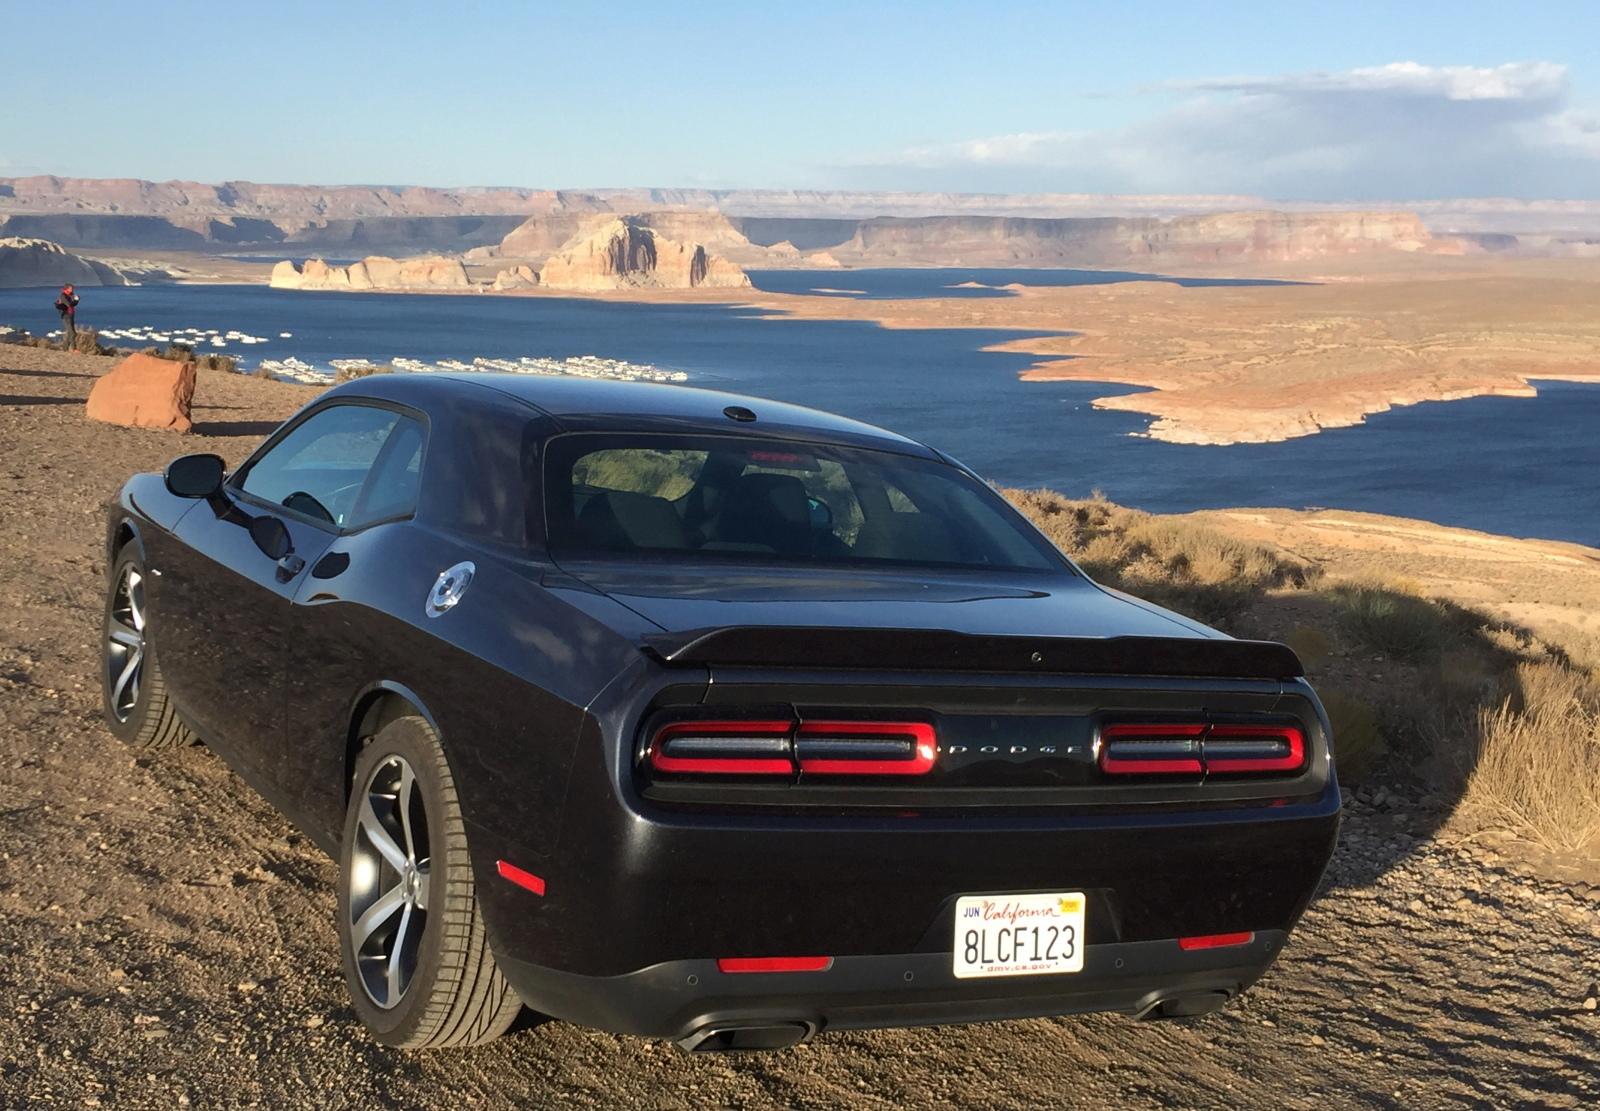 Road Trip / Ouest des USA en Challenger de location -Part II Imgpk232